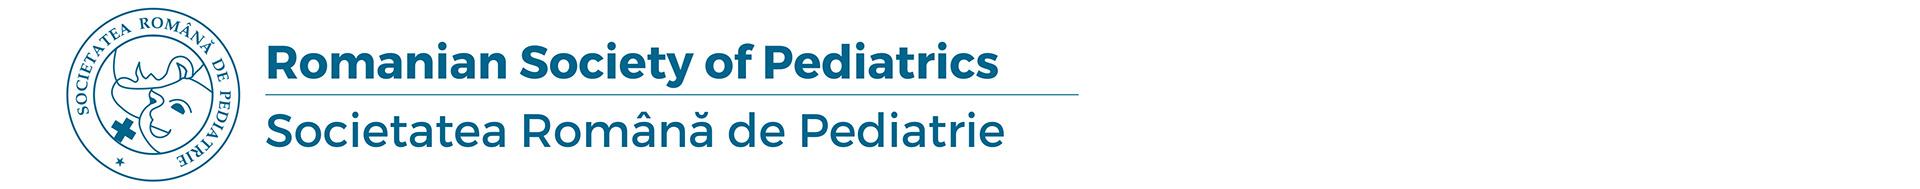 Societatea Română de Pediatrie Logo